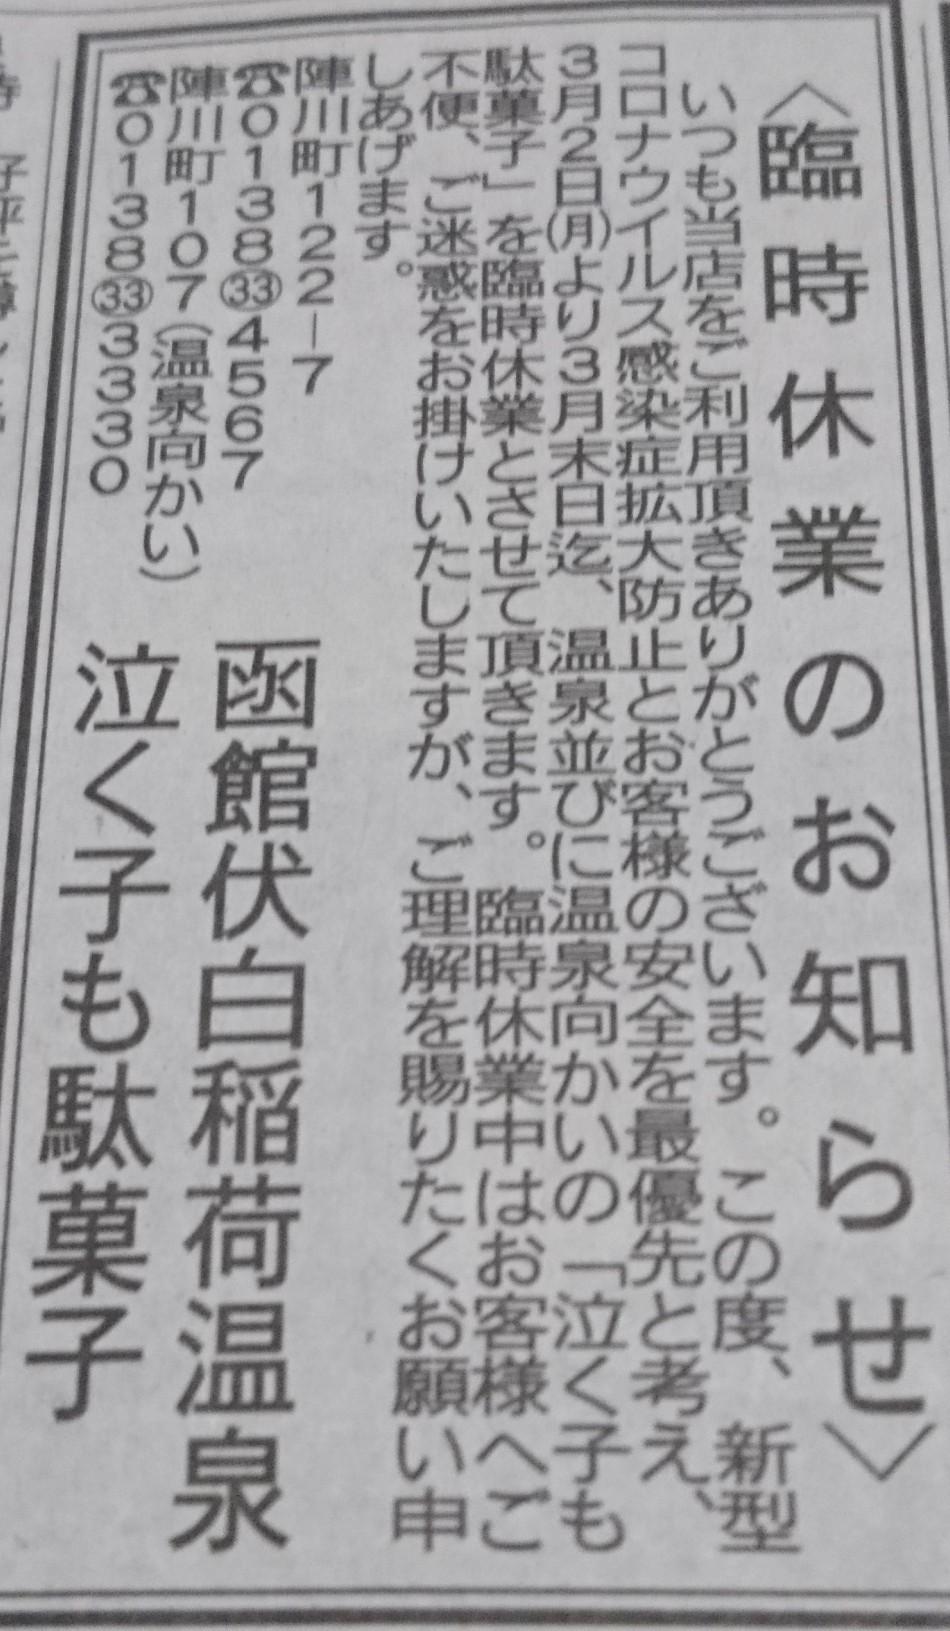 臨時休業のお知らせ。函館伏白稲荷温泉_b0106766_20494308.jpg